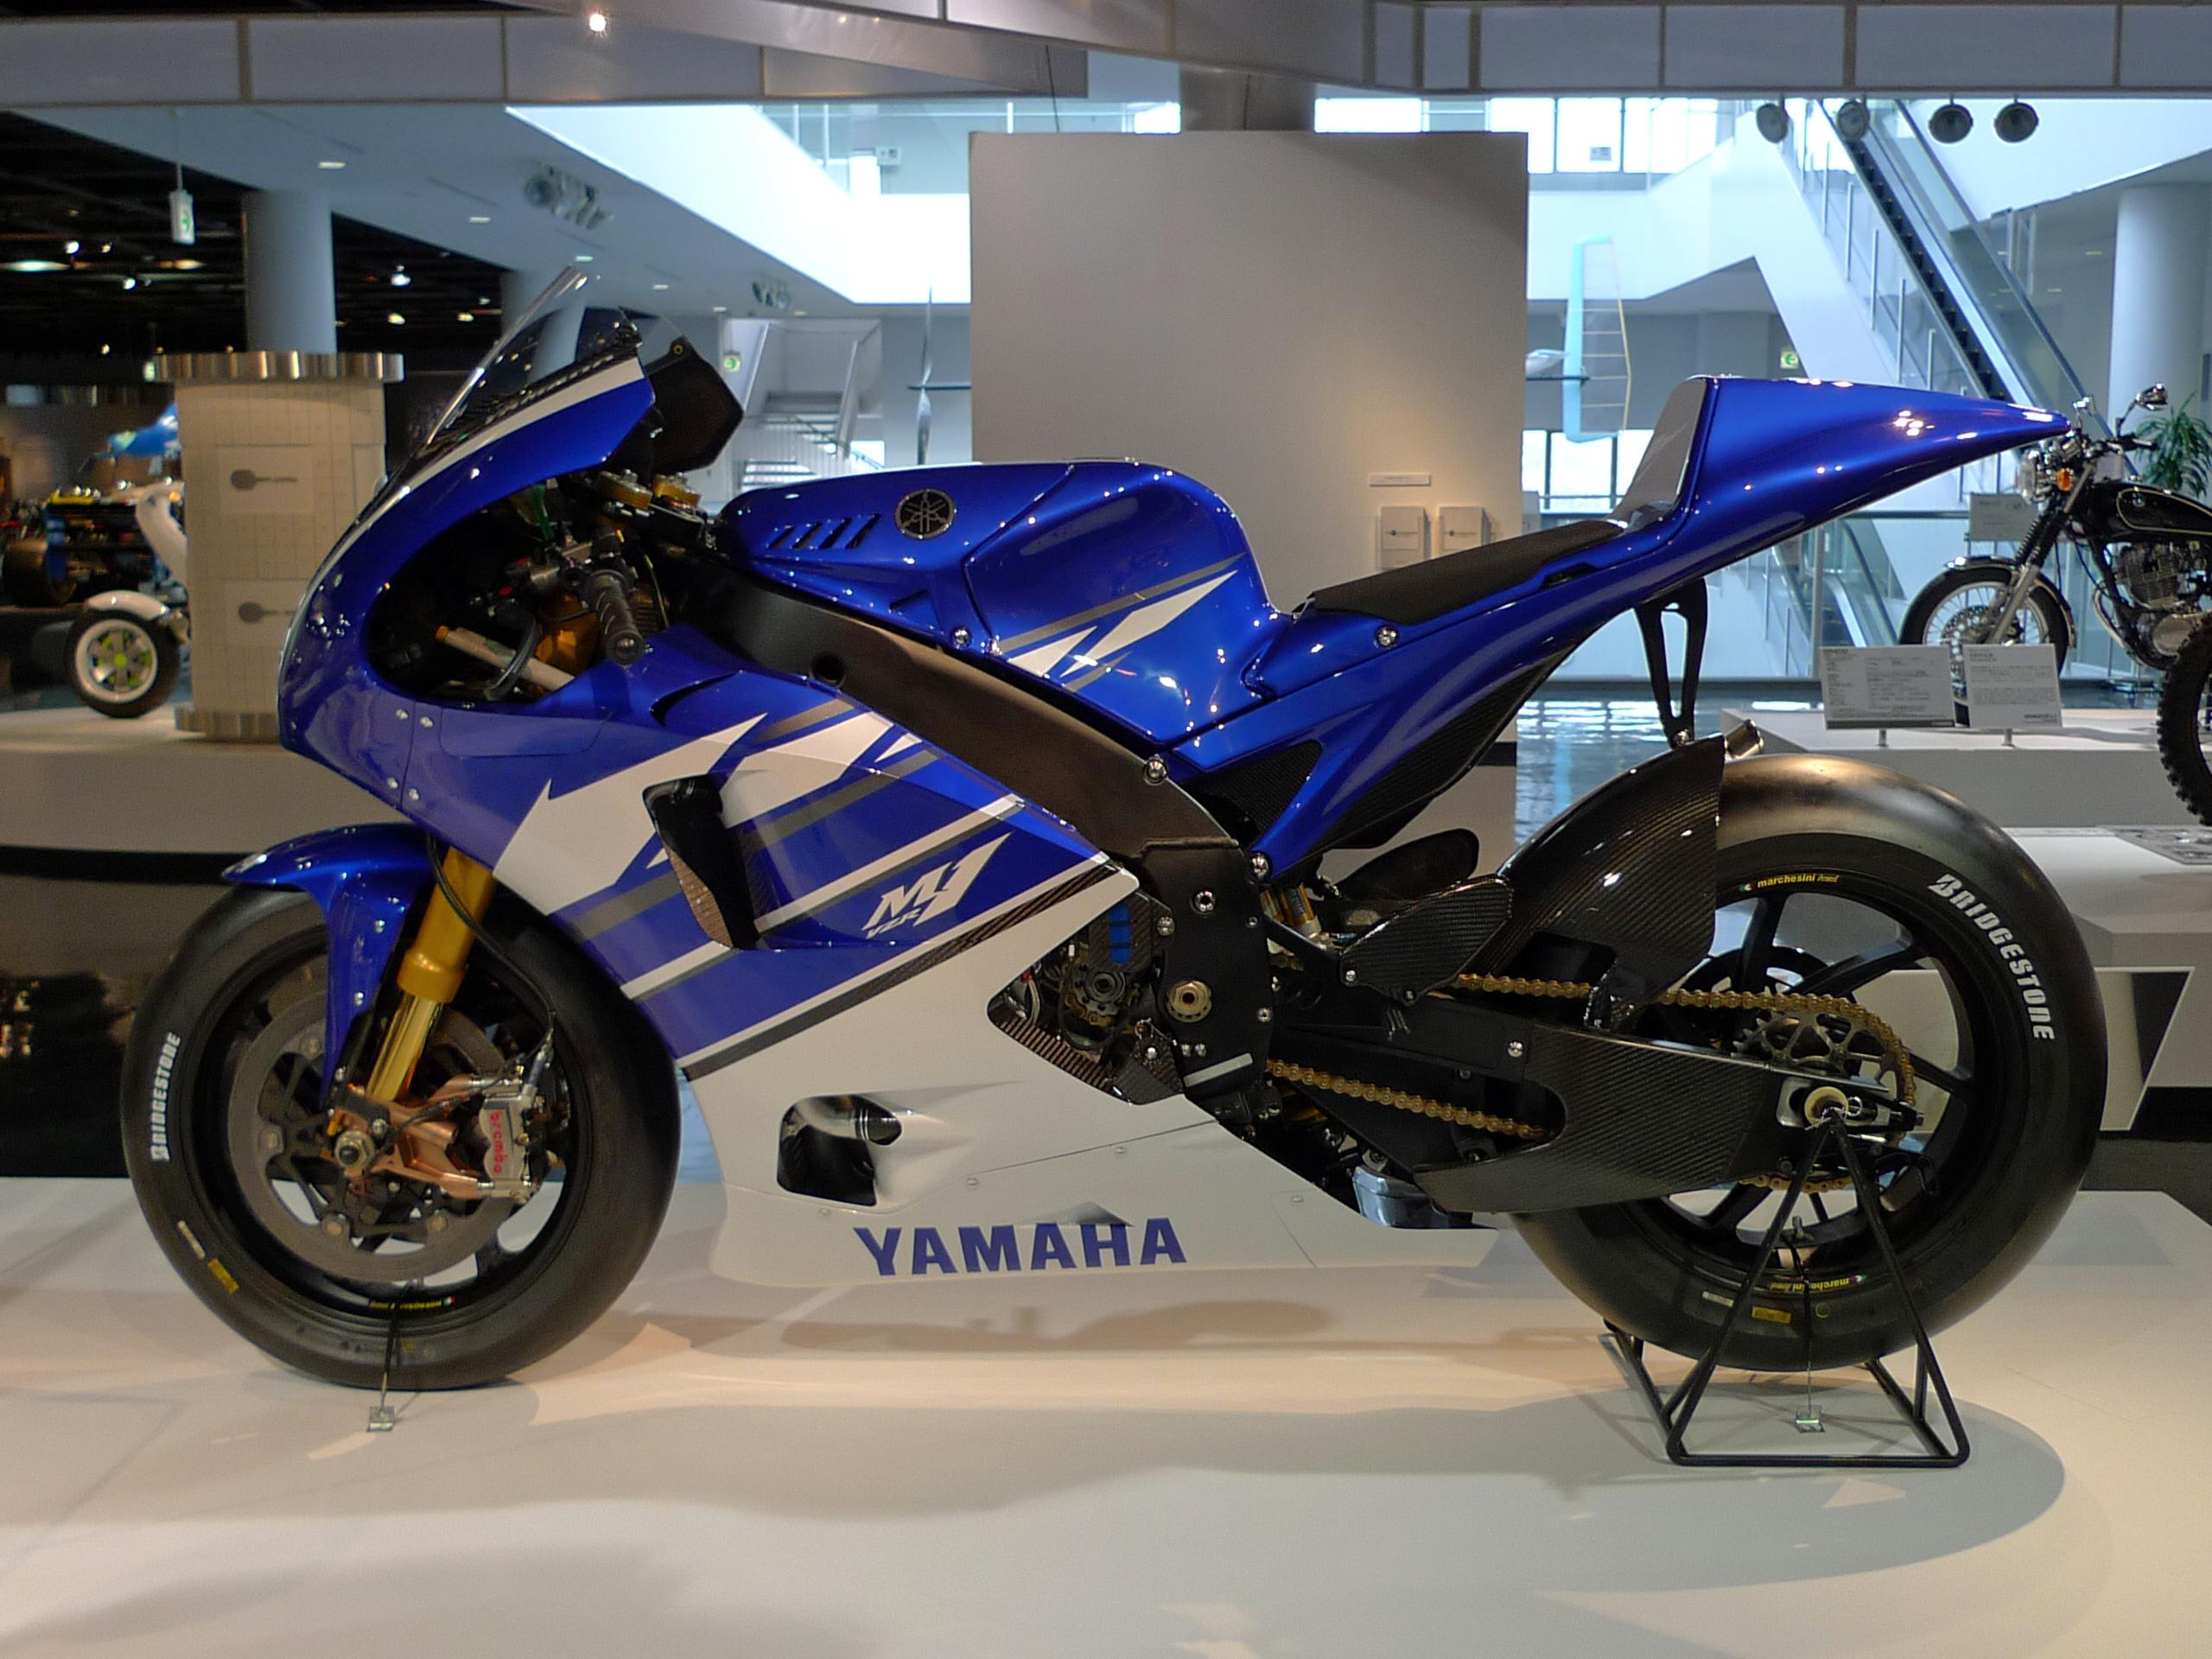 Communication yamaha autos post for Yamaha sports plaza promo code